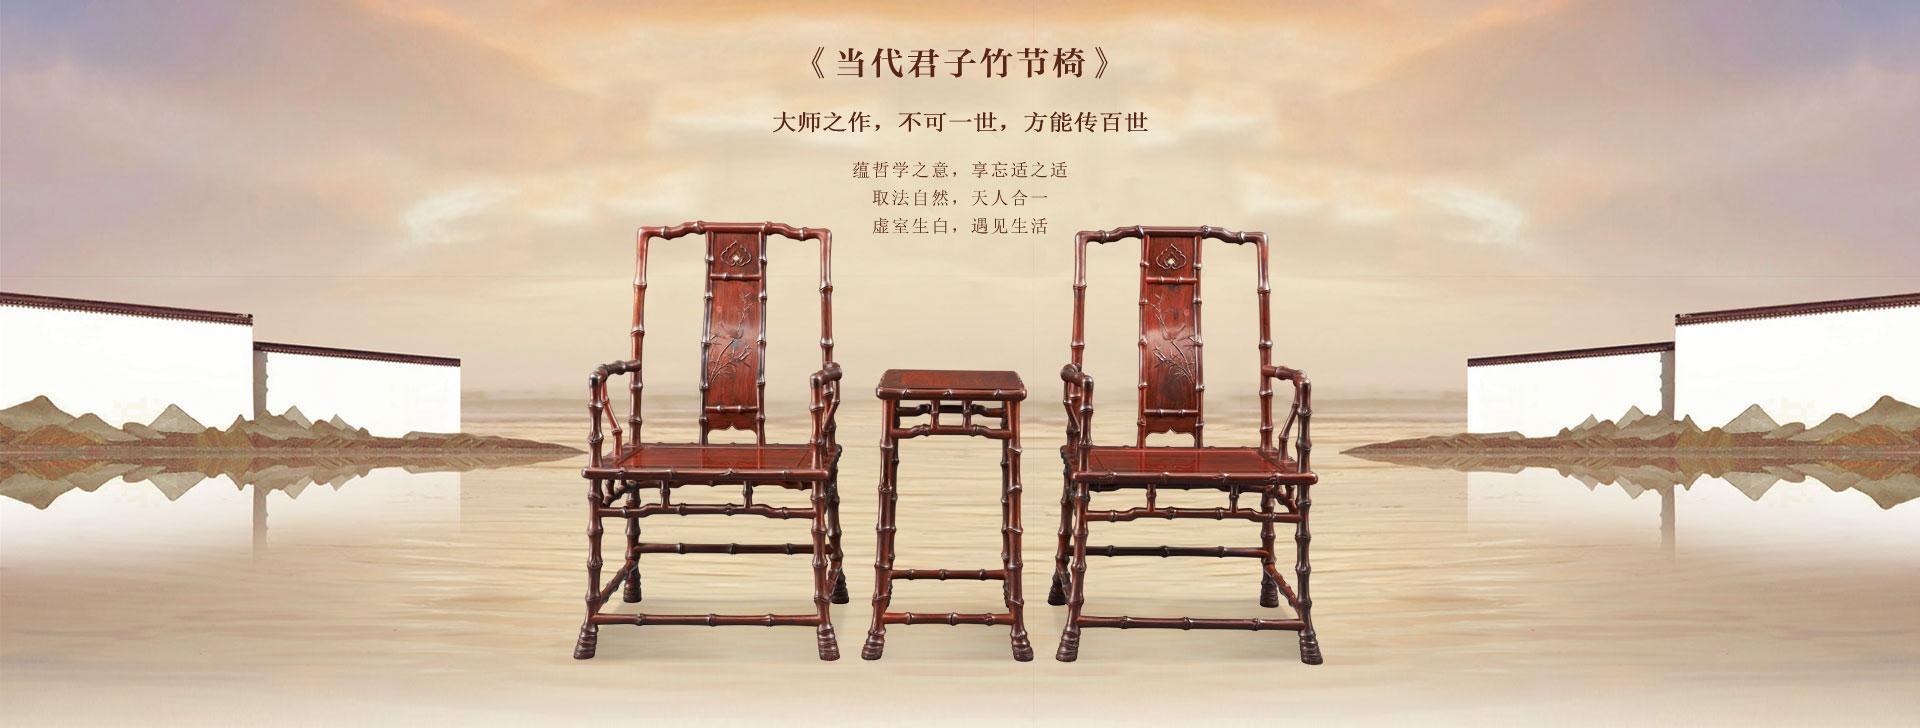 深圳红木_红木家具高端品牌泰和园_丝翎檀雕始创品牌